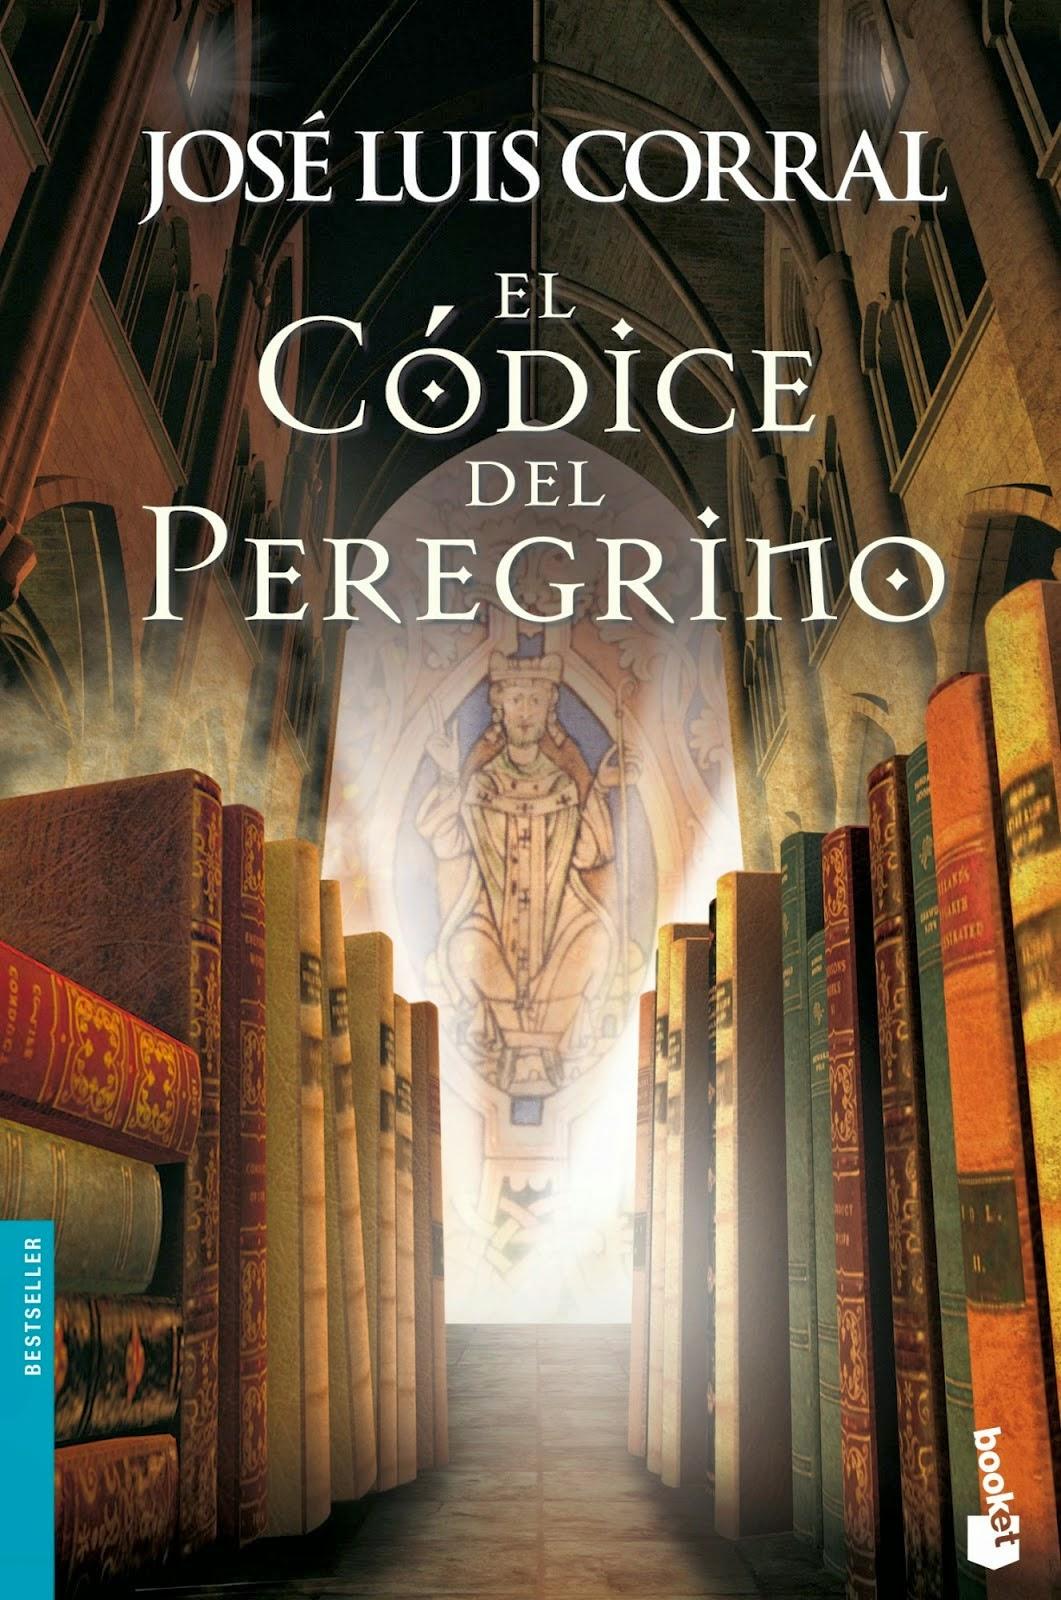 http://www.planetadelibros.com/el-codice-del-peregrino-libro-90662.html